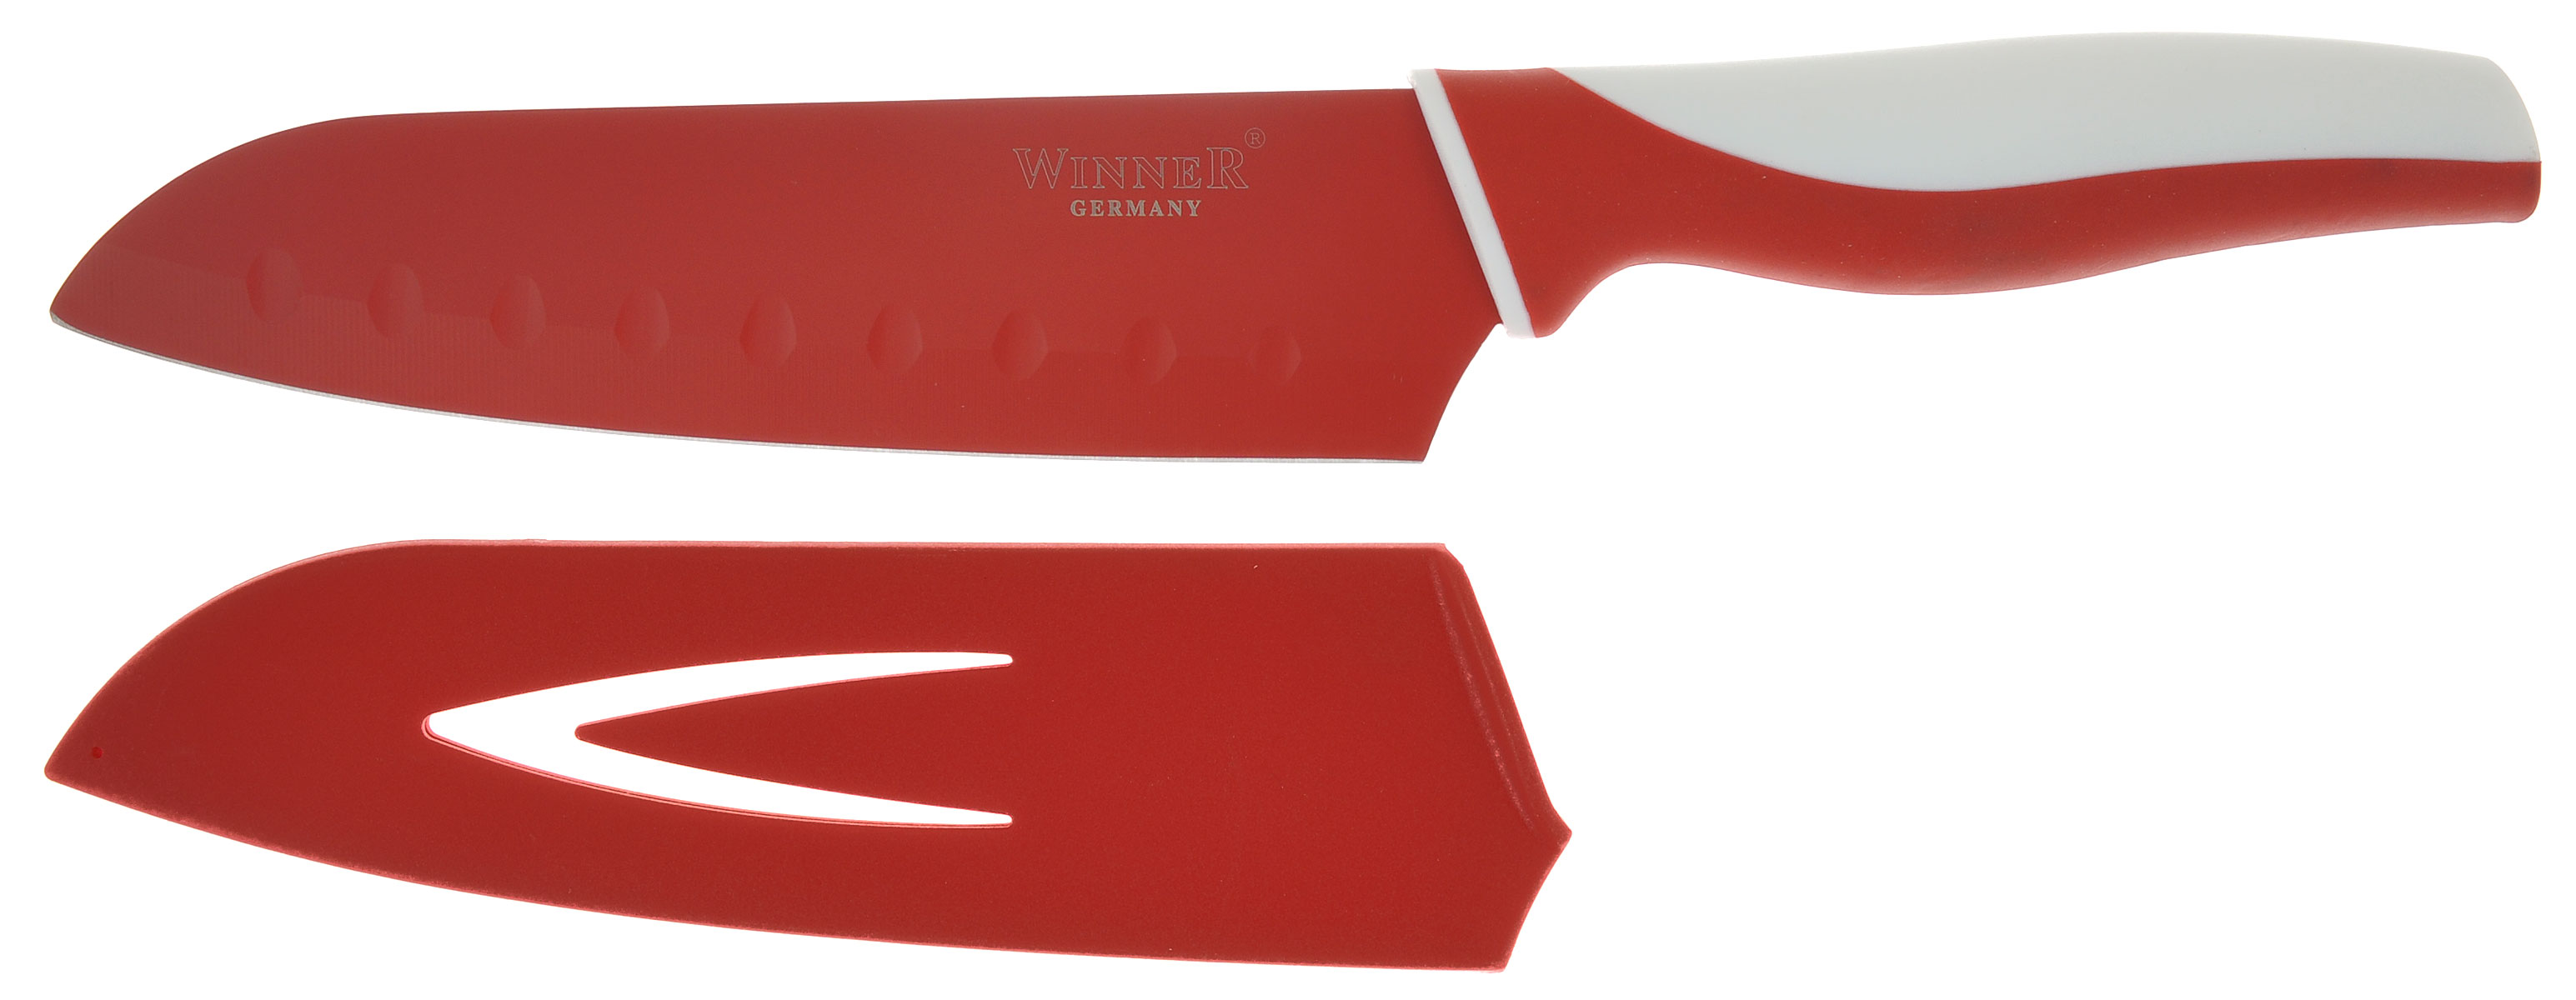 """Поварской нож """"Winner"""" выполнен из высококачественной нержавеющей стали с цветным полимерным покрытием """"Xynflon"""", предотвращающим прилипание продуктов. Очень удобная и эргономичная ручка выполнена из прорезиненного пластика с антибактериальным покрытием """"Zeomic"""".  Нож используется для измельчения продуктов. Также применяется для отделения костей в птице или рыбе. Нож помогает поддерживать идеальную гигиену на кухне. """"Zeomic"""" обеспечивает постоянную противомикробную защиту, позволят сохранить нож в чистоте в течение длительного периода времени после мытья, подавляет бактерии, которые способствуют появлению загрязнения и неприятного запаха, гнили и плесени в течение всего времени использования изделия. Поварской нож """"Winner"""" предоставит вам все необходимые возможности в успешном приготовлении пищи и порадует вас своими результатами.К ножу прилагаются пластиковые ножны. Общая длина ножа: 29,5 см. Длина лезвия: 17 см. Толщина лезвия: 1,2 мм."""